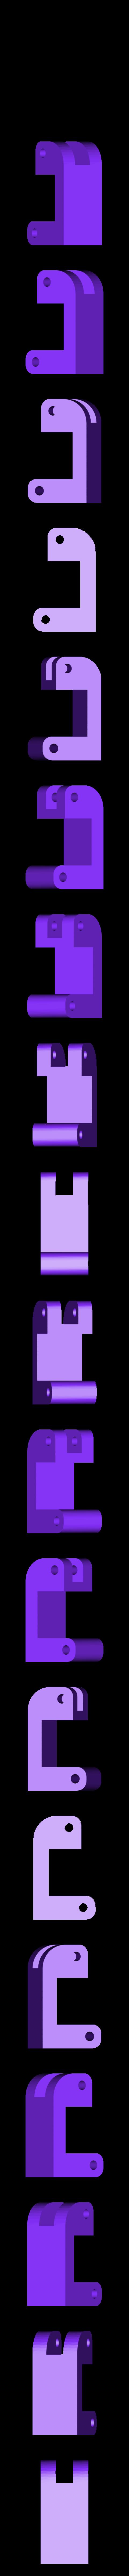 Hub_front.STL Télécharger fichier STL gratuit VW Kleinbus T2 • Modèle pour impression 3D, Rusichar